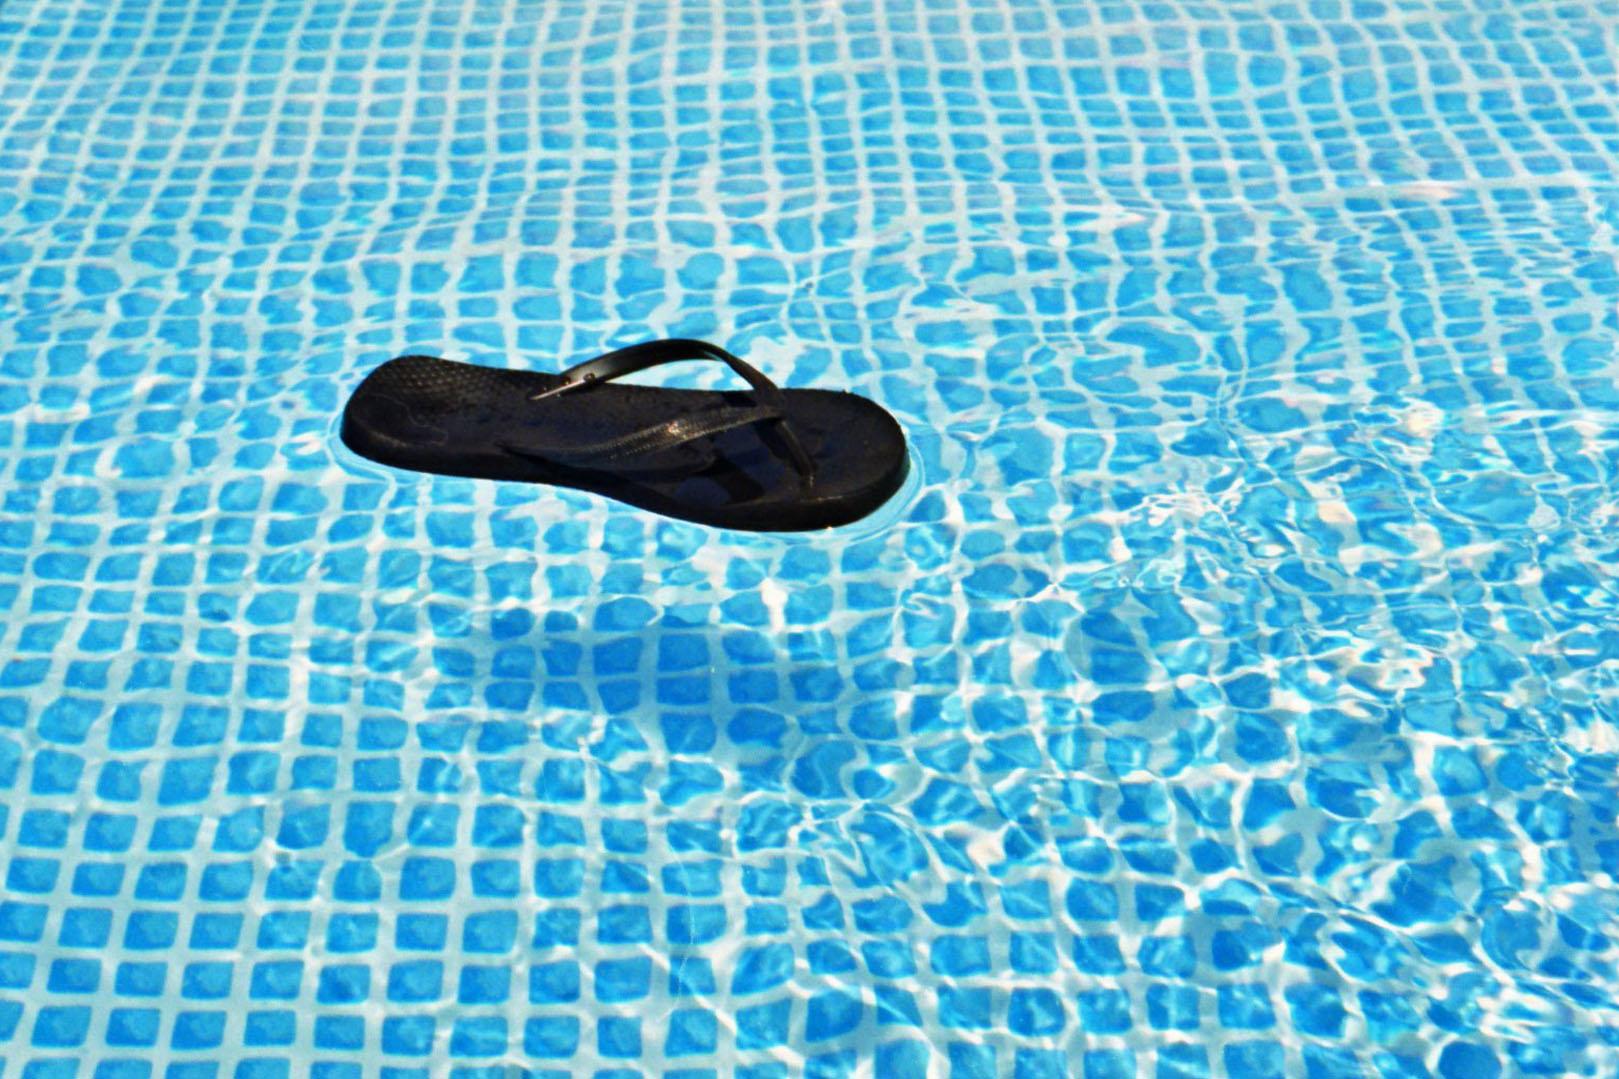 Schwarzer Flipflop in Swimmingpool